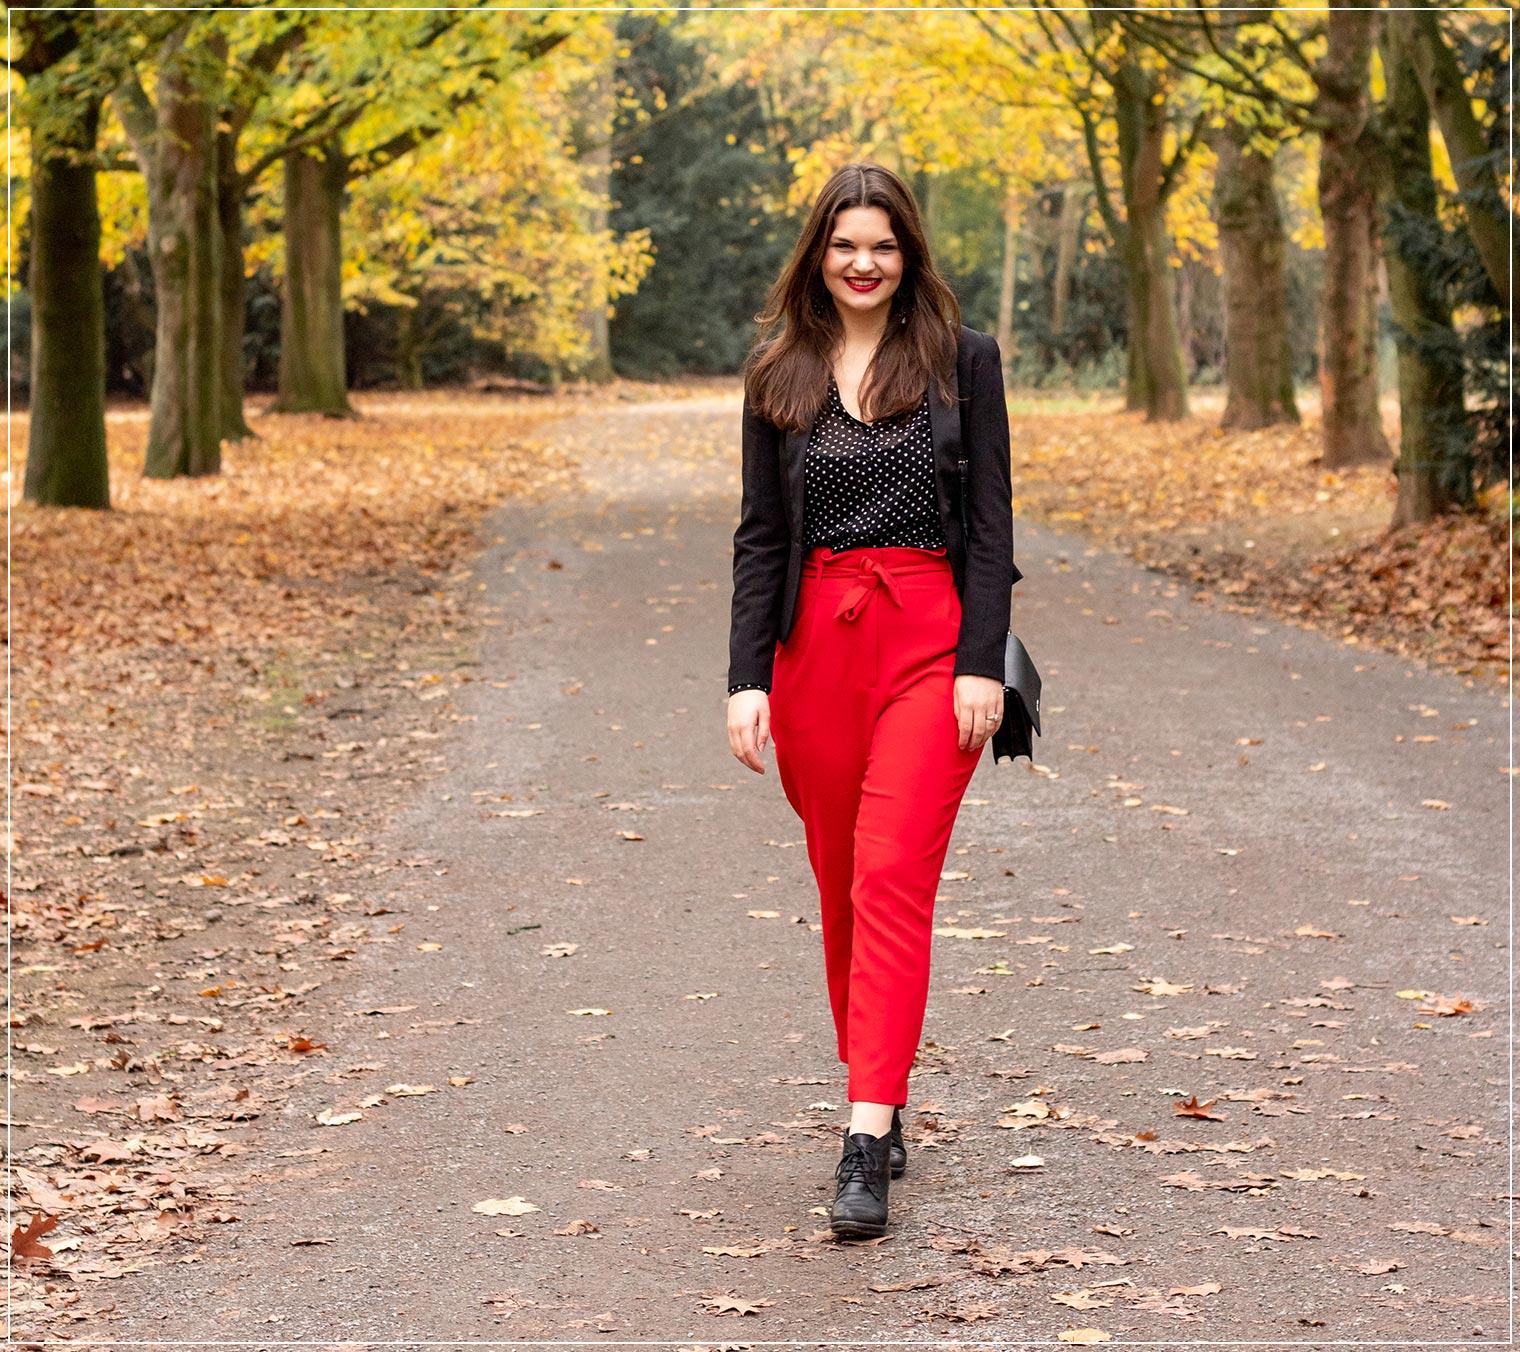 Der Wald als Fotospot für Blogger im Herbst